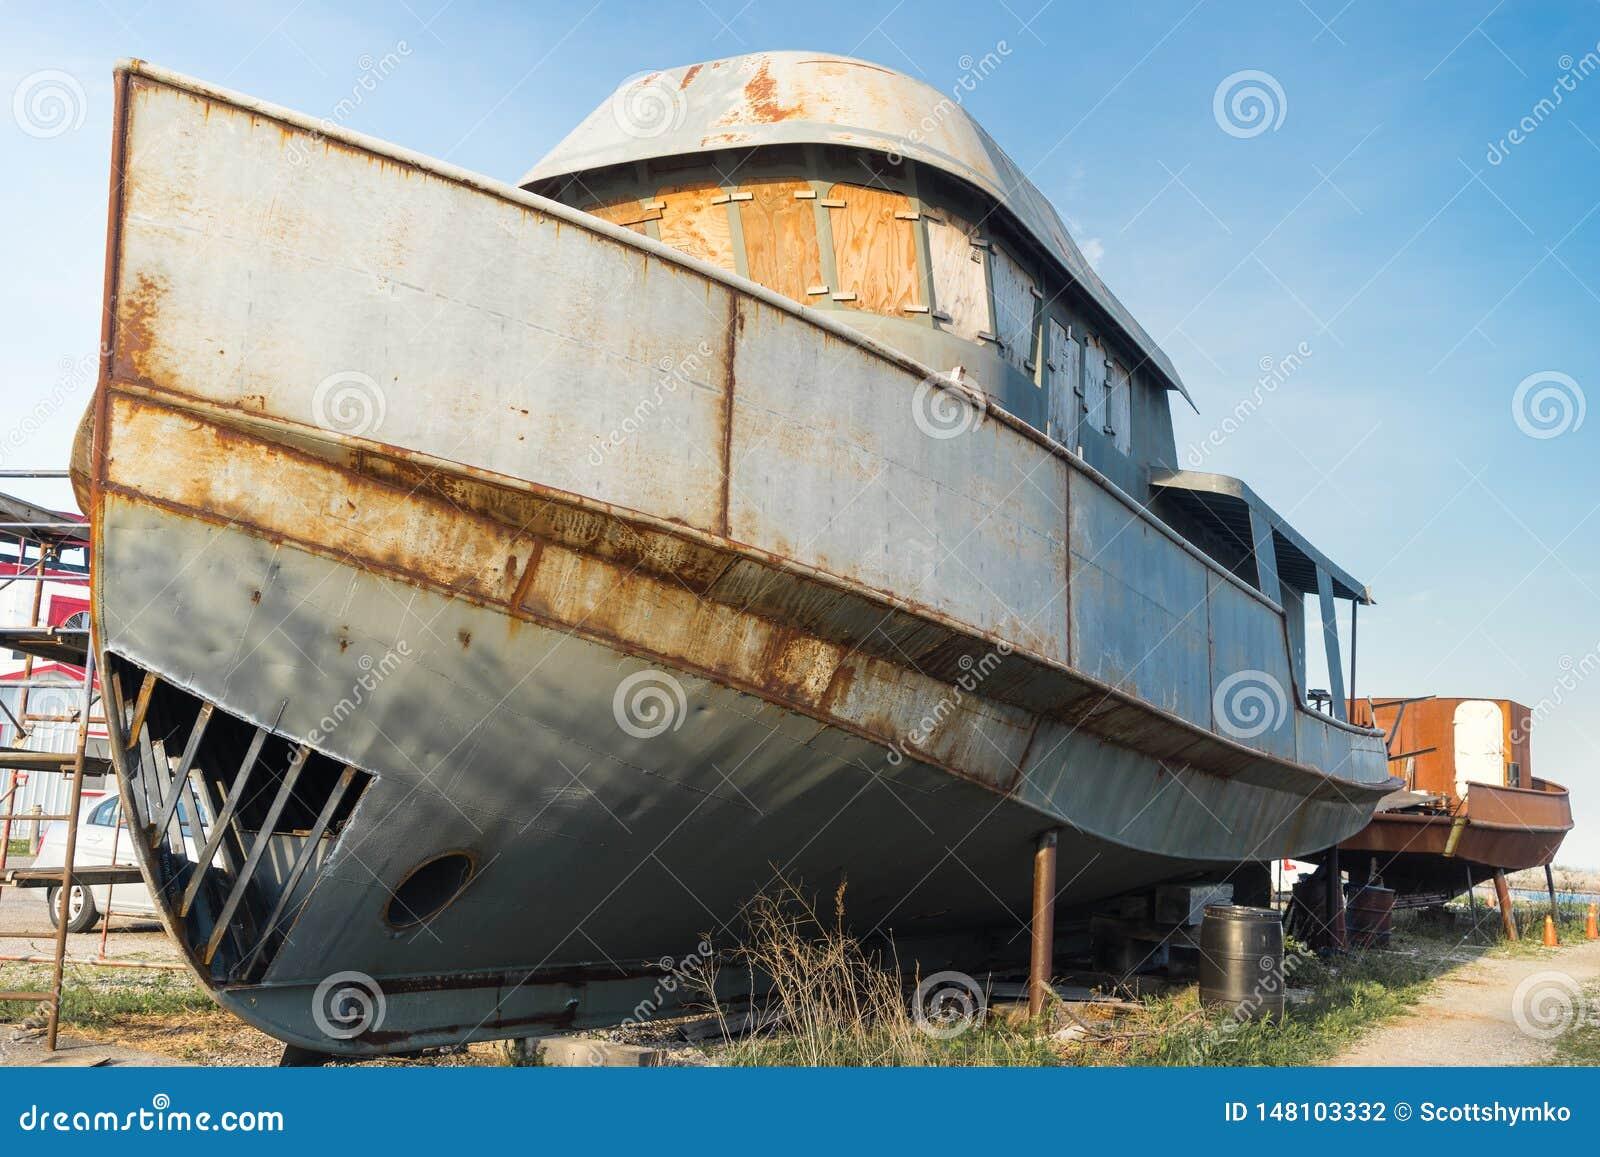 Vieux bateaux de pêche sur la terre pour la réparation